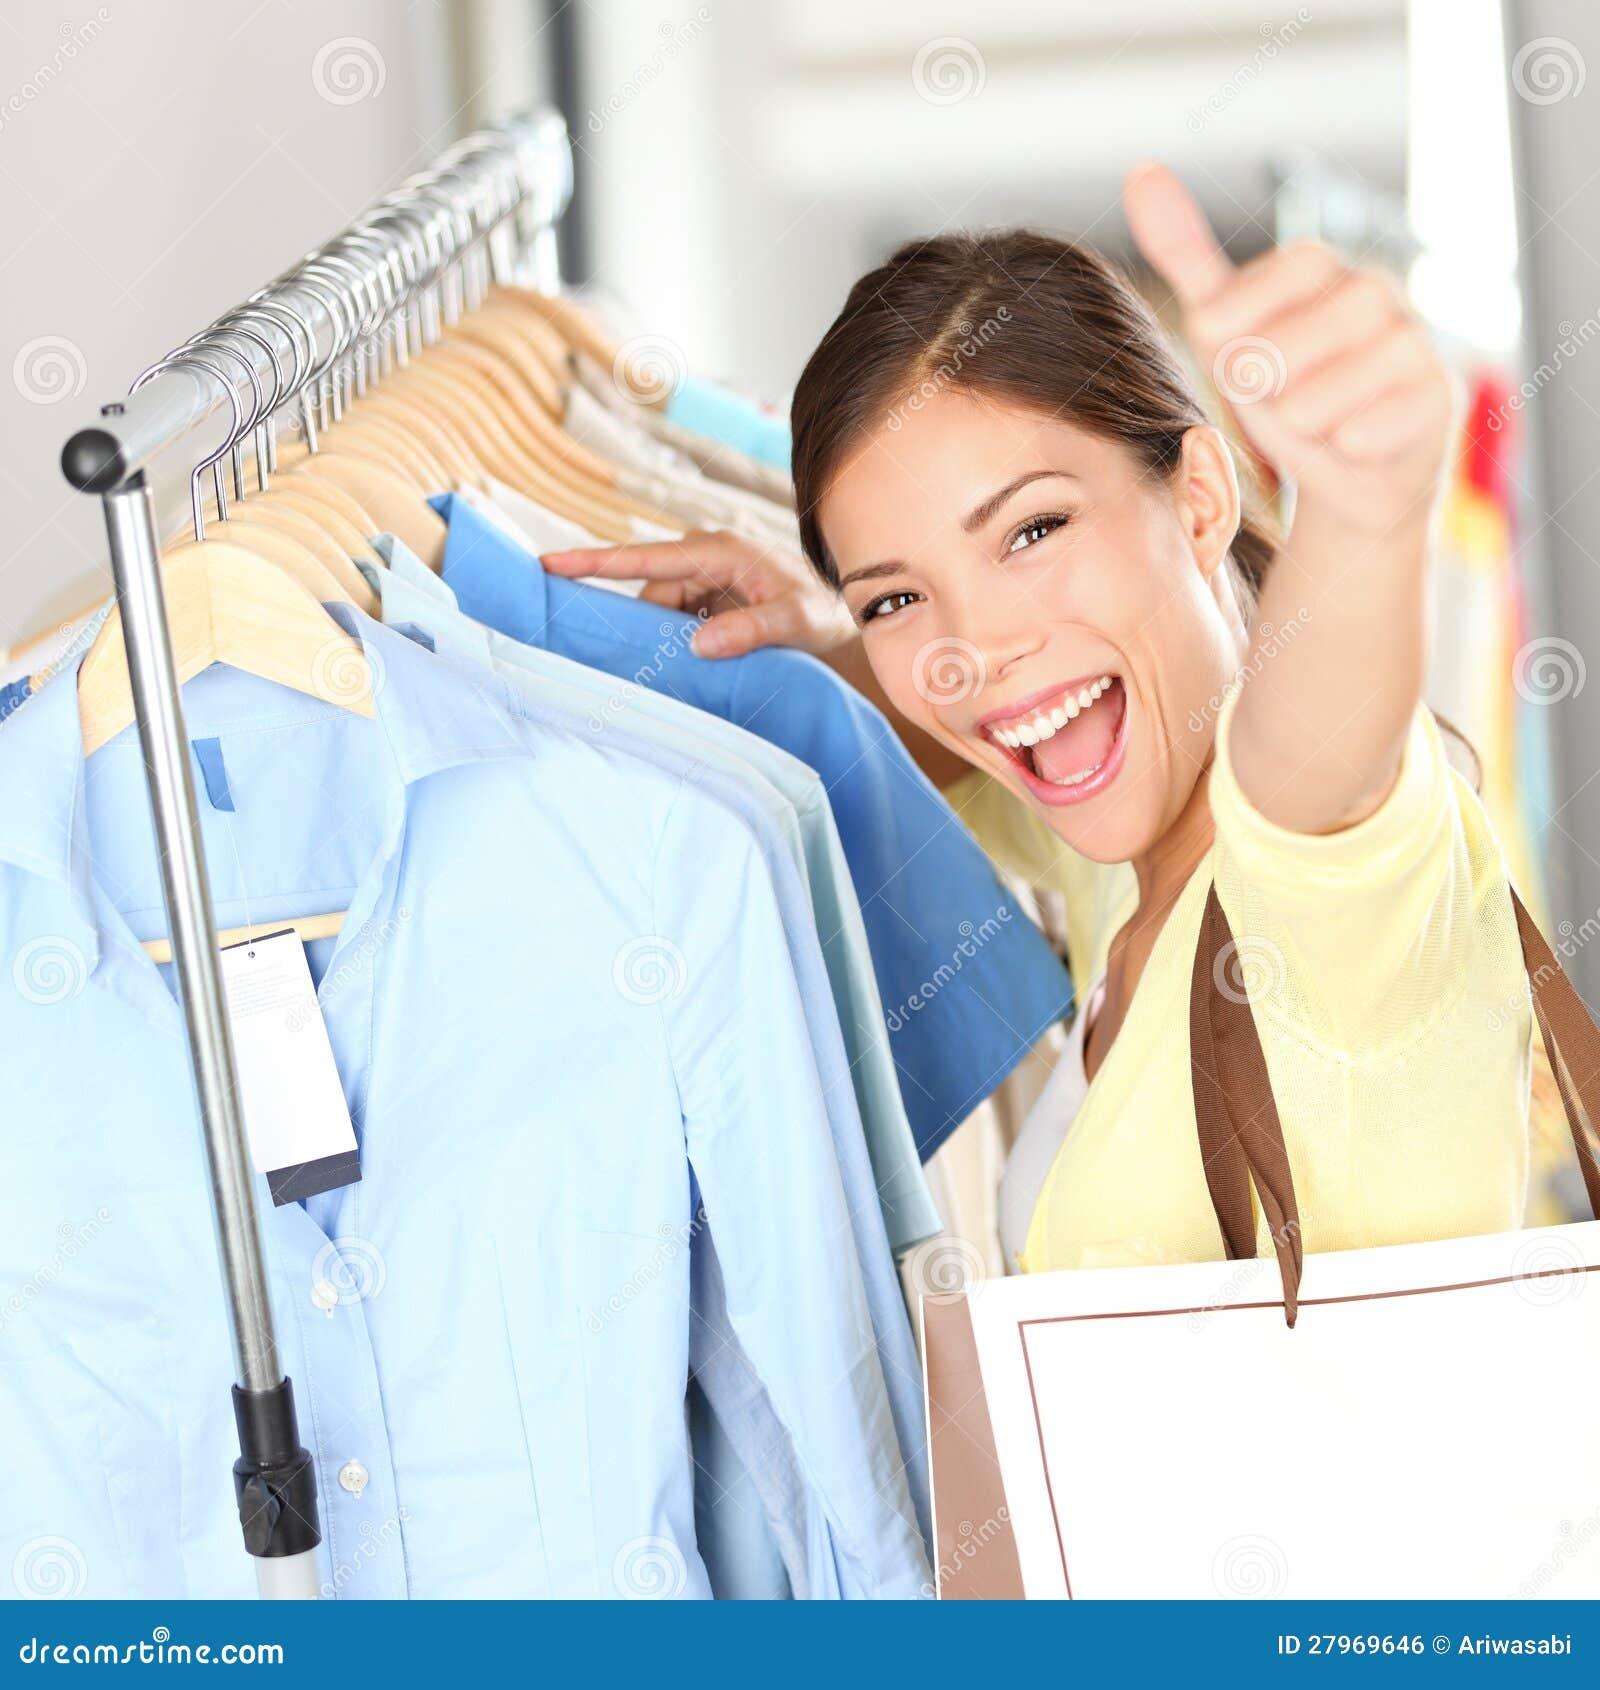 93549b896 Compra - a mulher feliz do cliente que mostra os polegares levanta saco de  compras guardarando excited na loja de roupa que procura a roupa na venda.